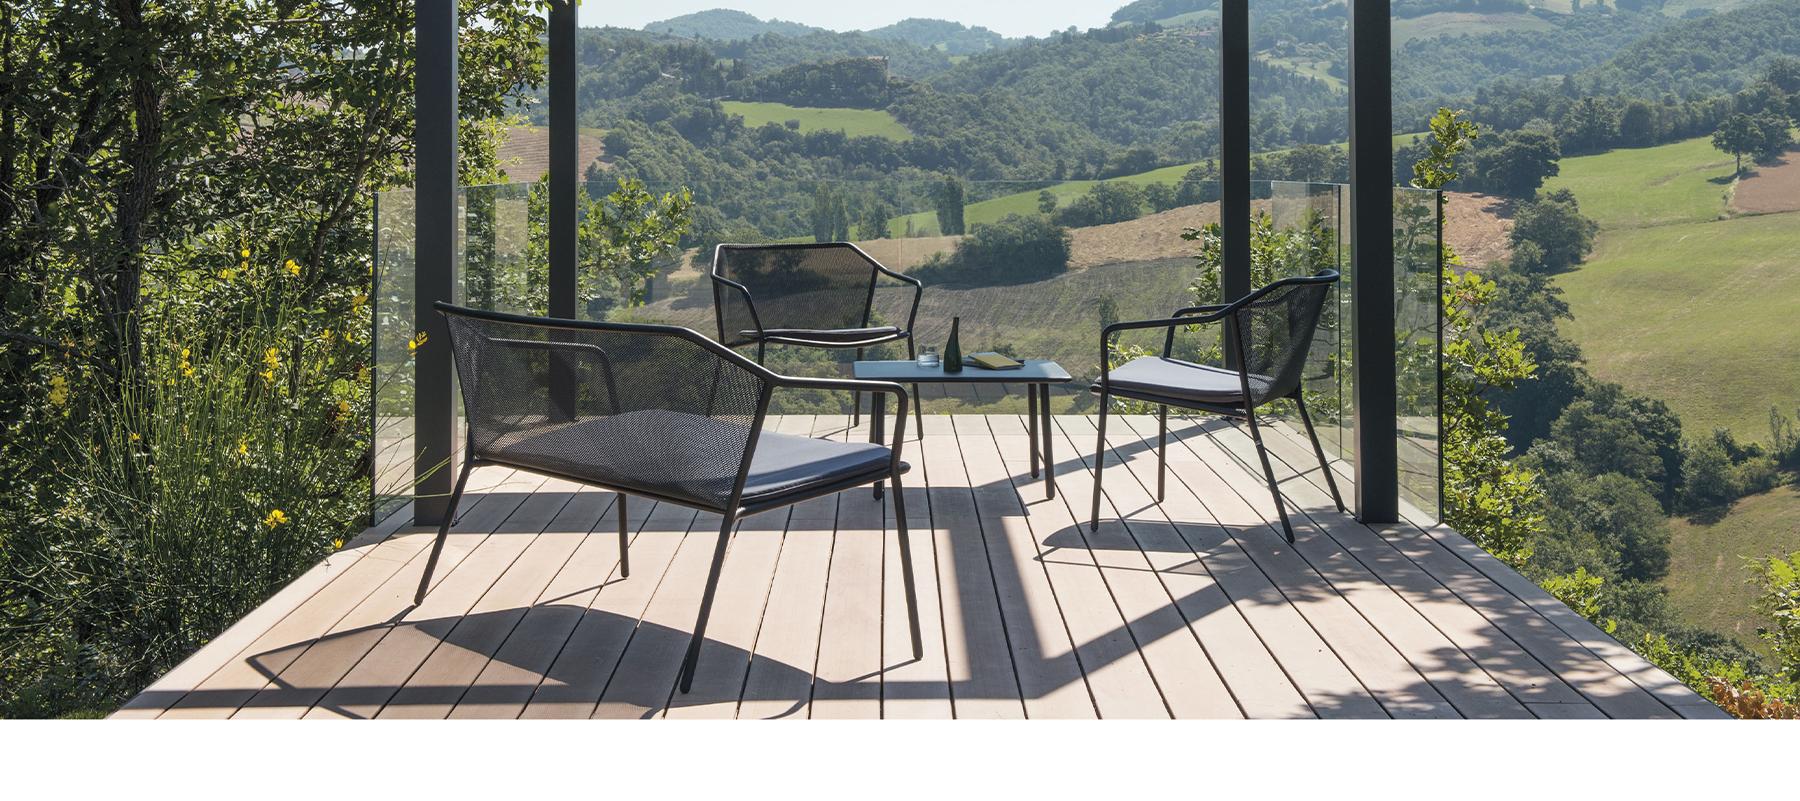 mobilier extérieur design haut de gamme et moderne sur annecy